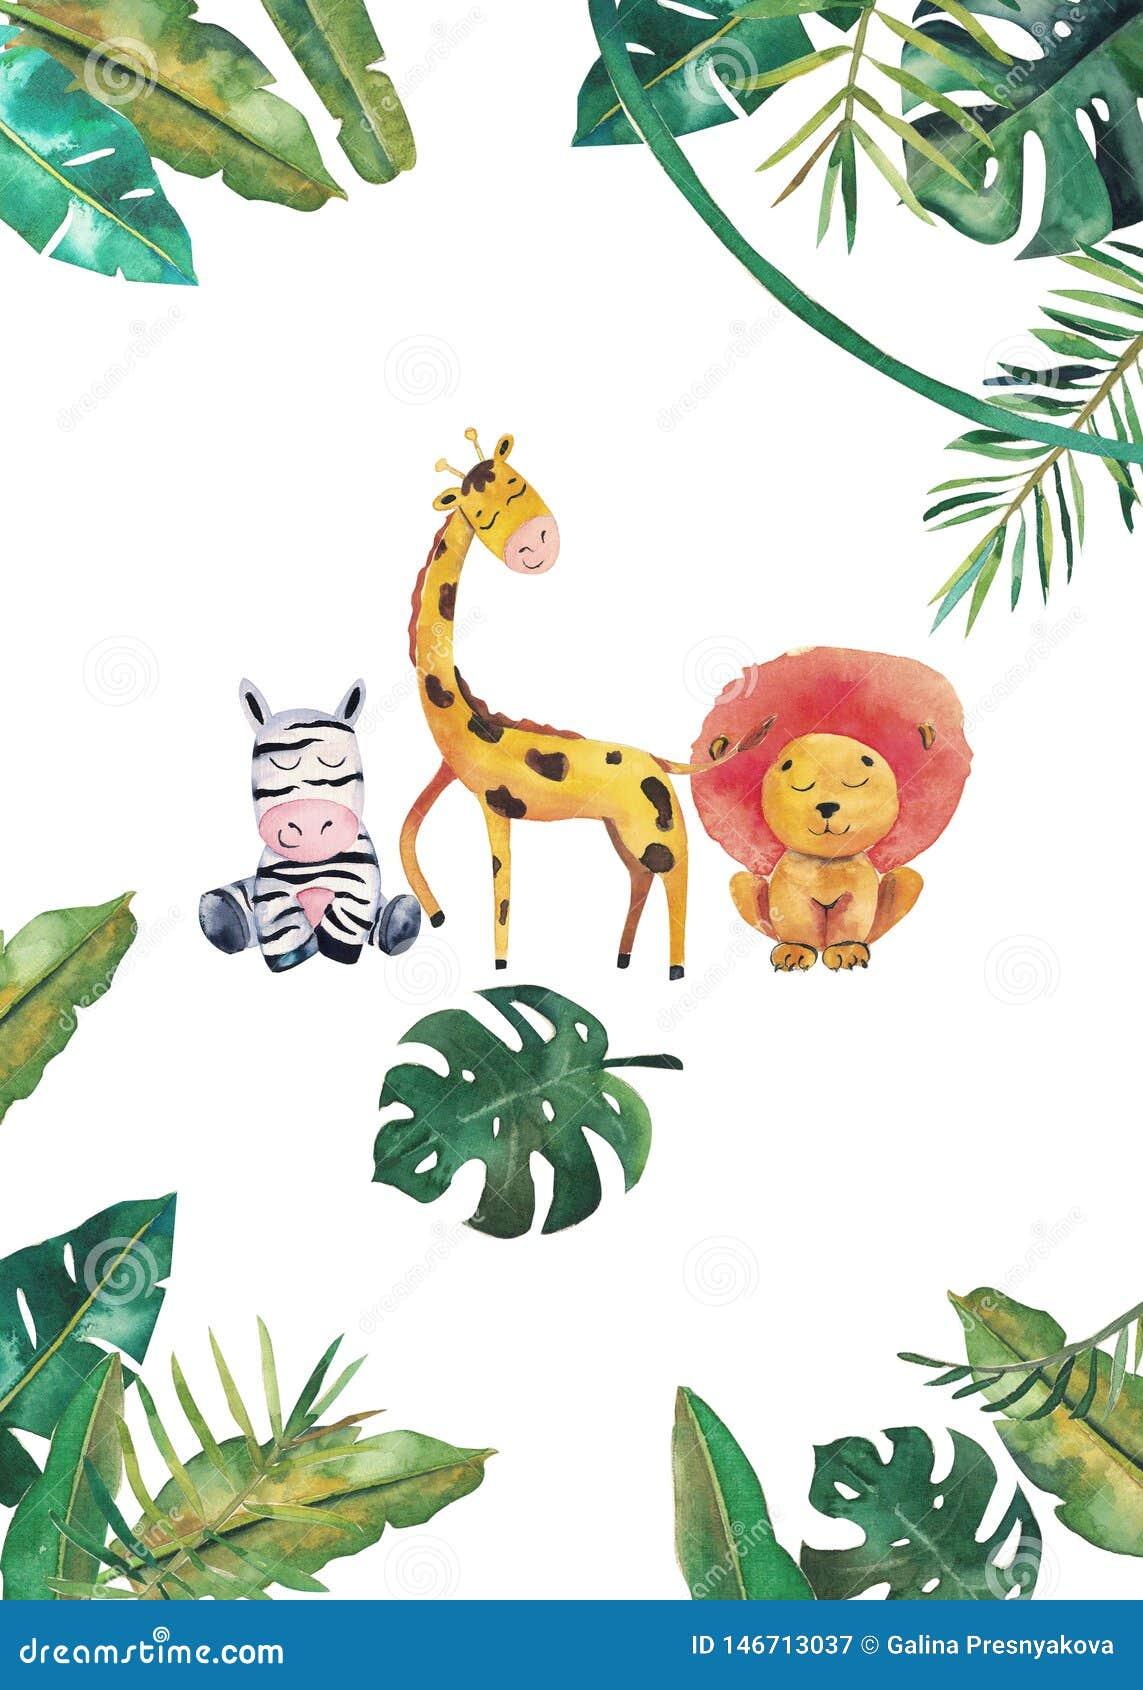 Invito dell acquerello con gli animali selvatici e le foglie della giungla Illustrazione disegnata a mano dei bambini